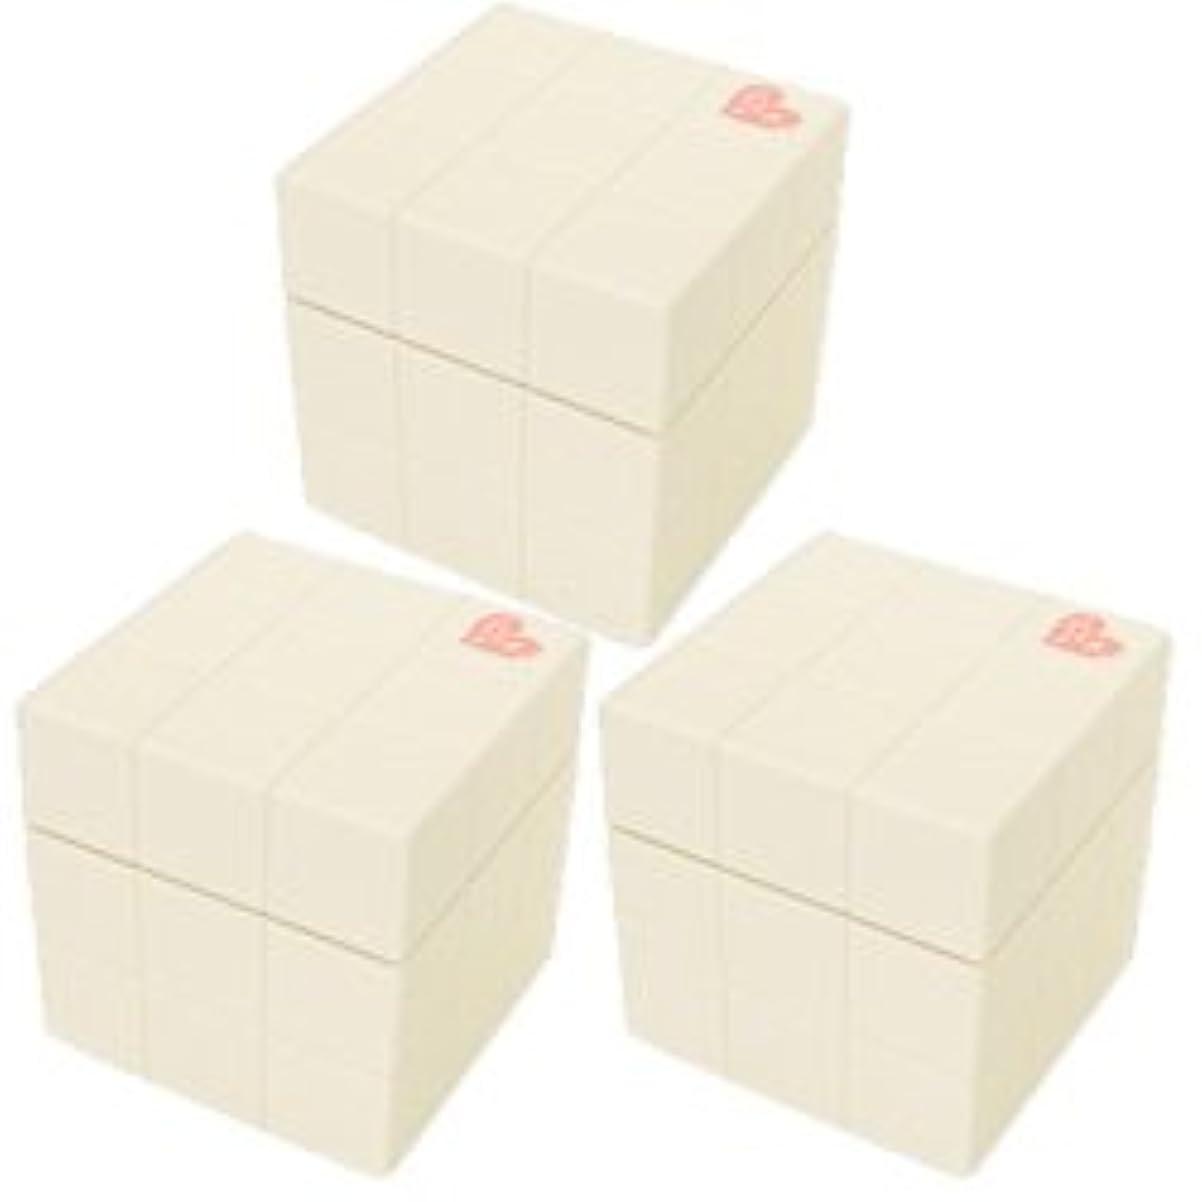 まもなく花弁小石アリミノ ピース ニュアンスワックス80g(バニラ)3個セット